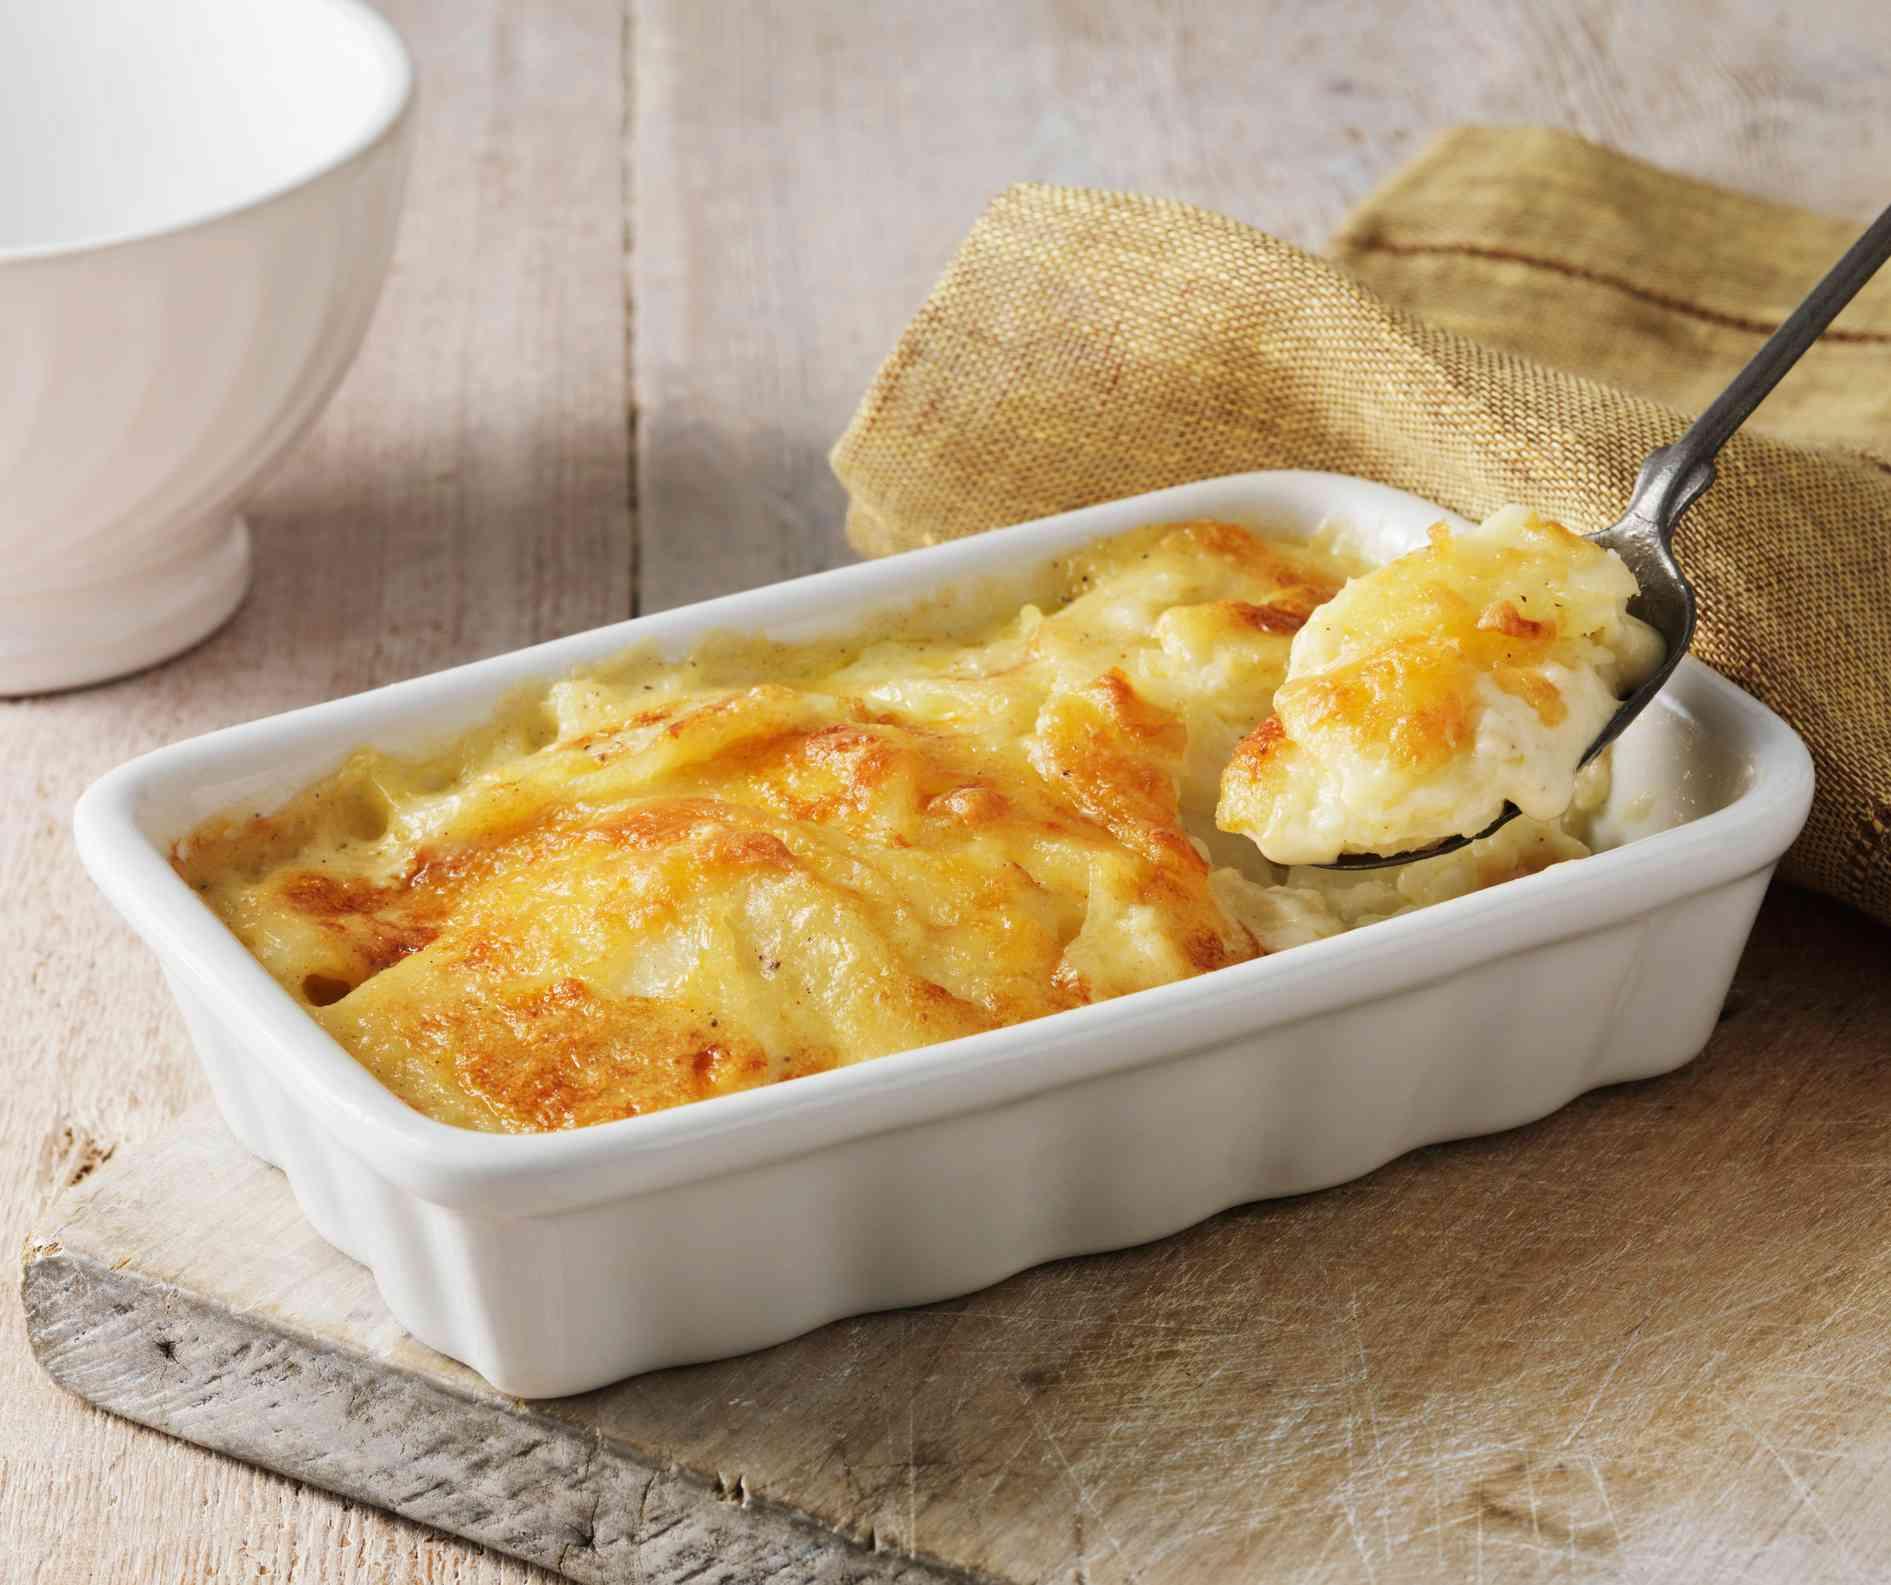 Classic Creamy Potato Casserole